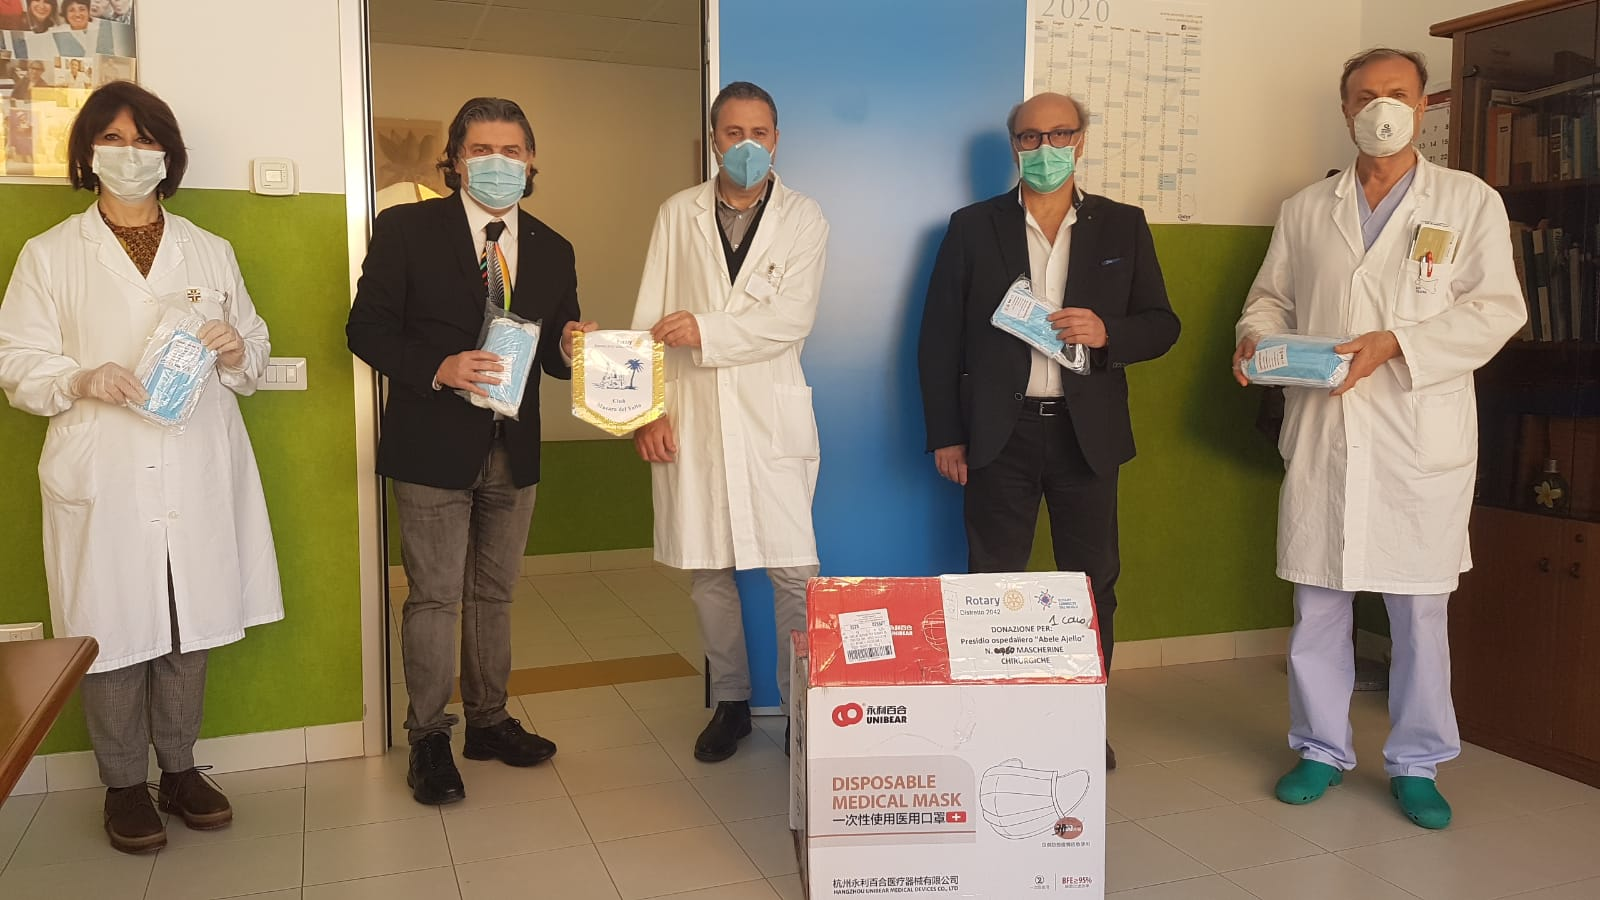 Emergenza Covid-19, Le diverse iniziative promosse dal Rotary Club Mazara